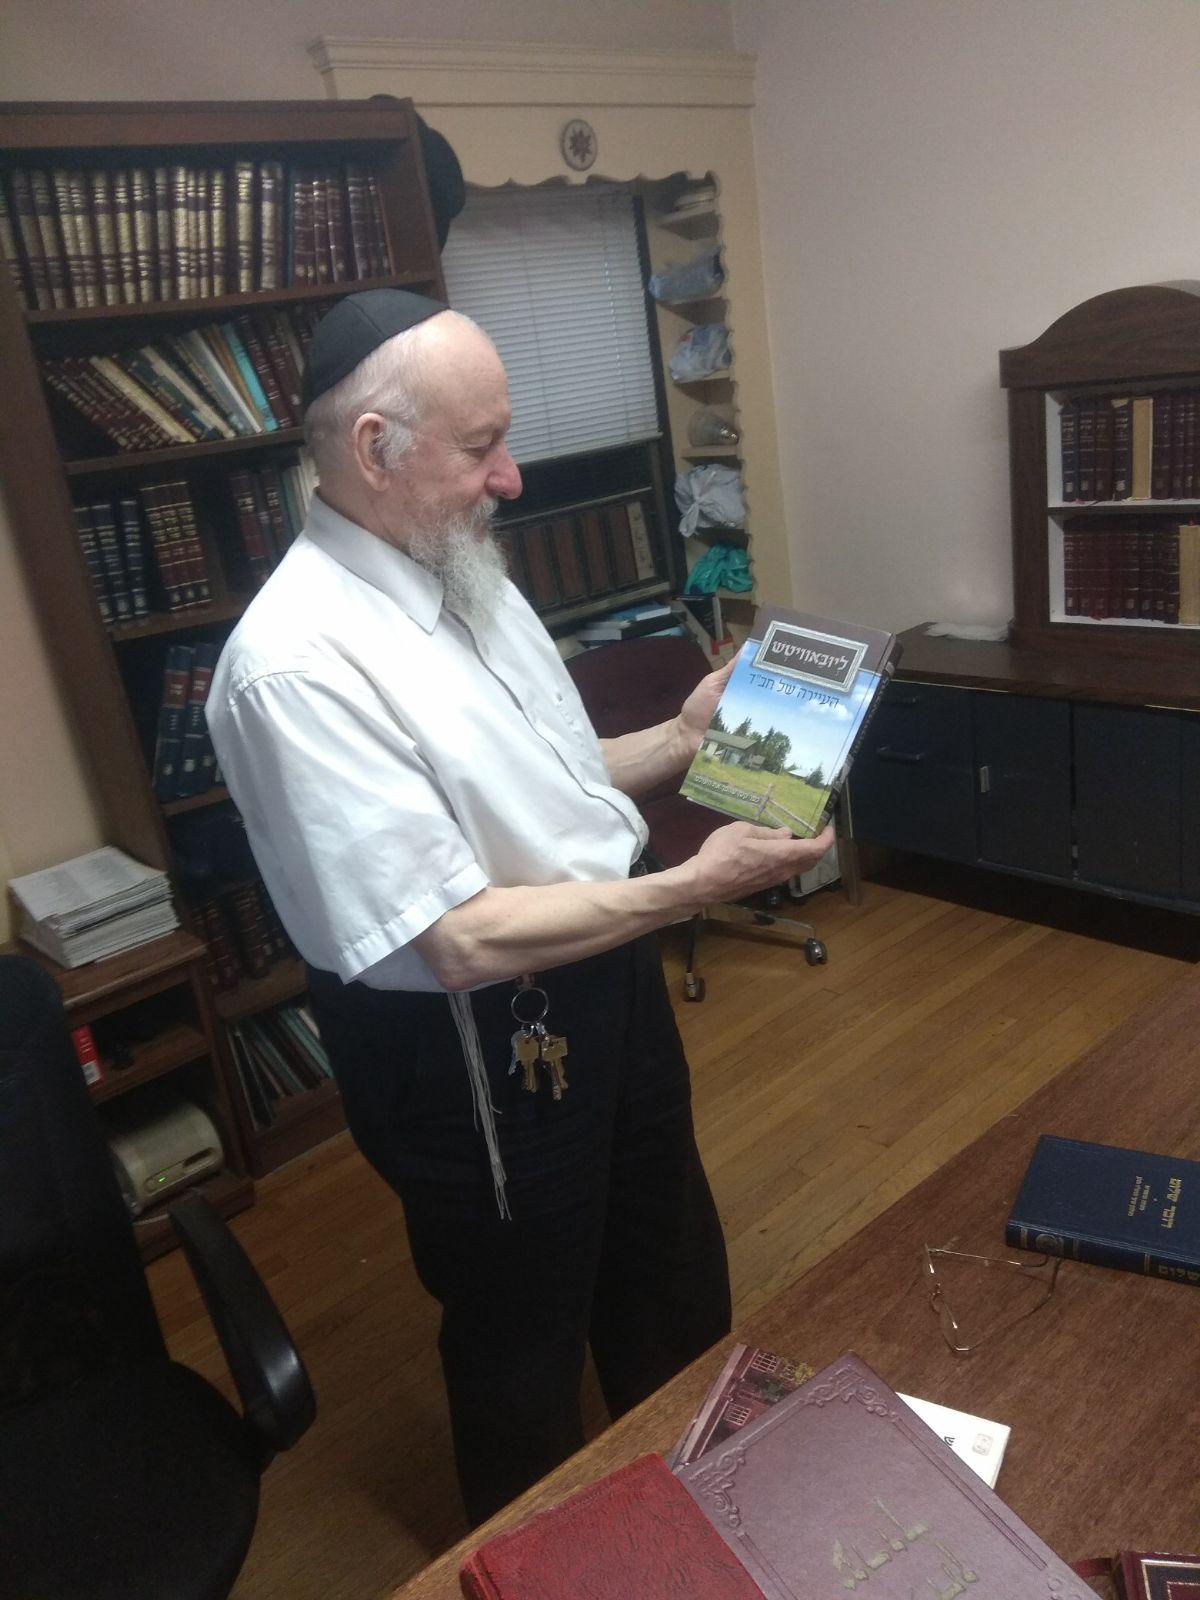 הרב בערל לוין, מנהל הספריה של הרבי, מביט בספר